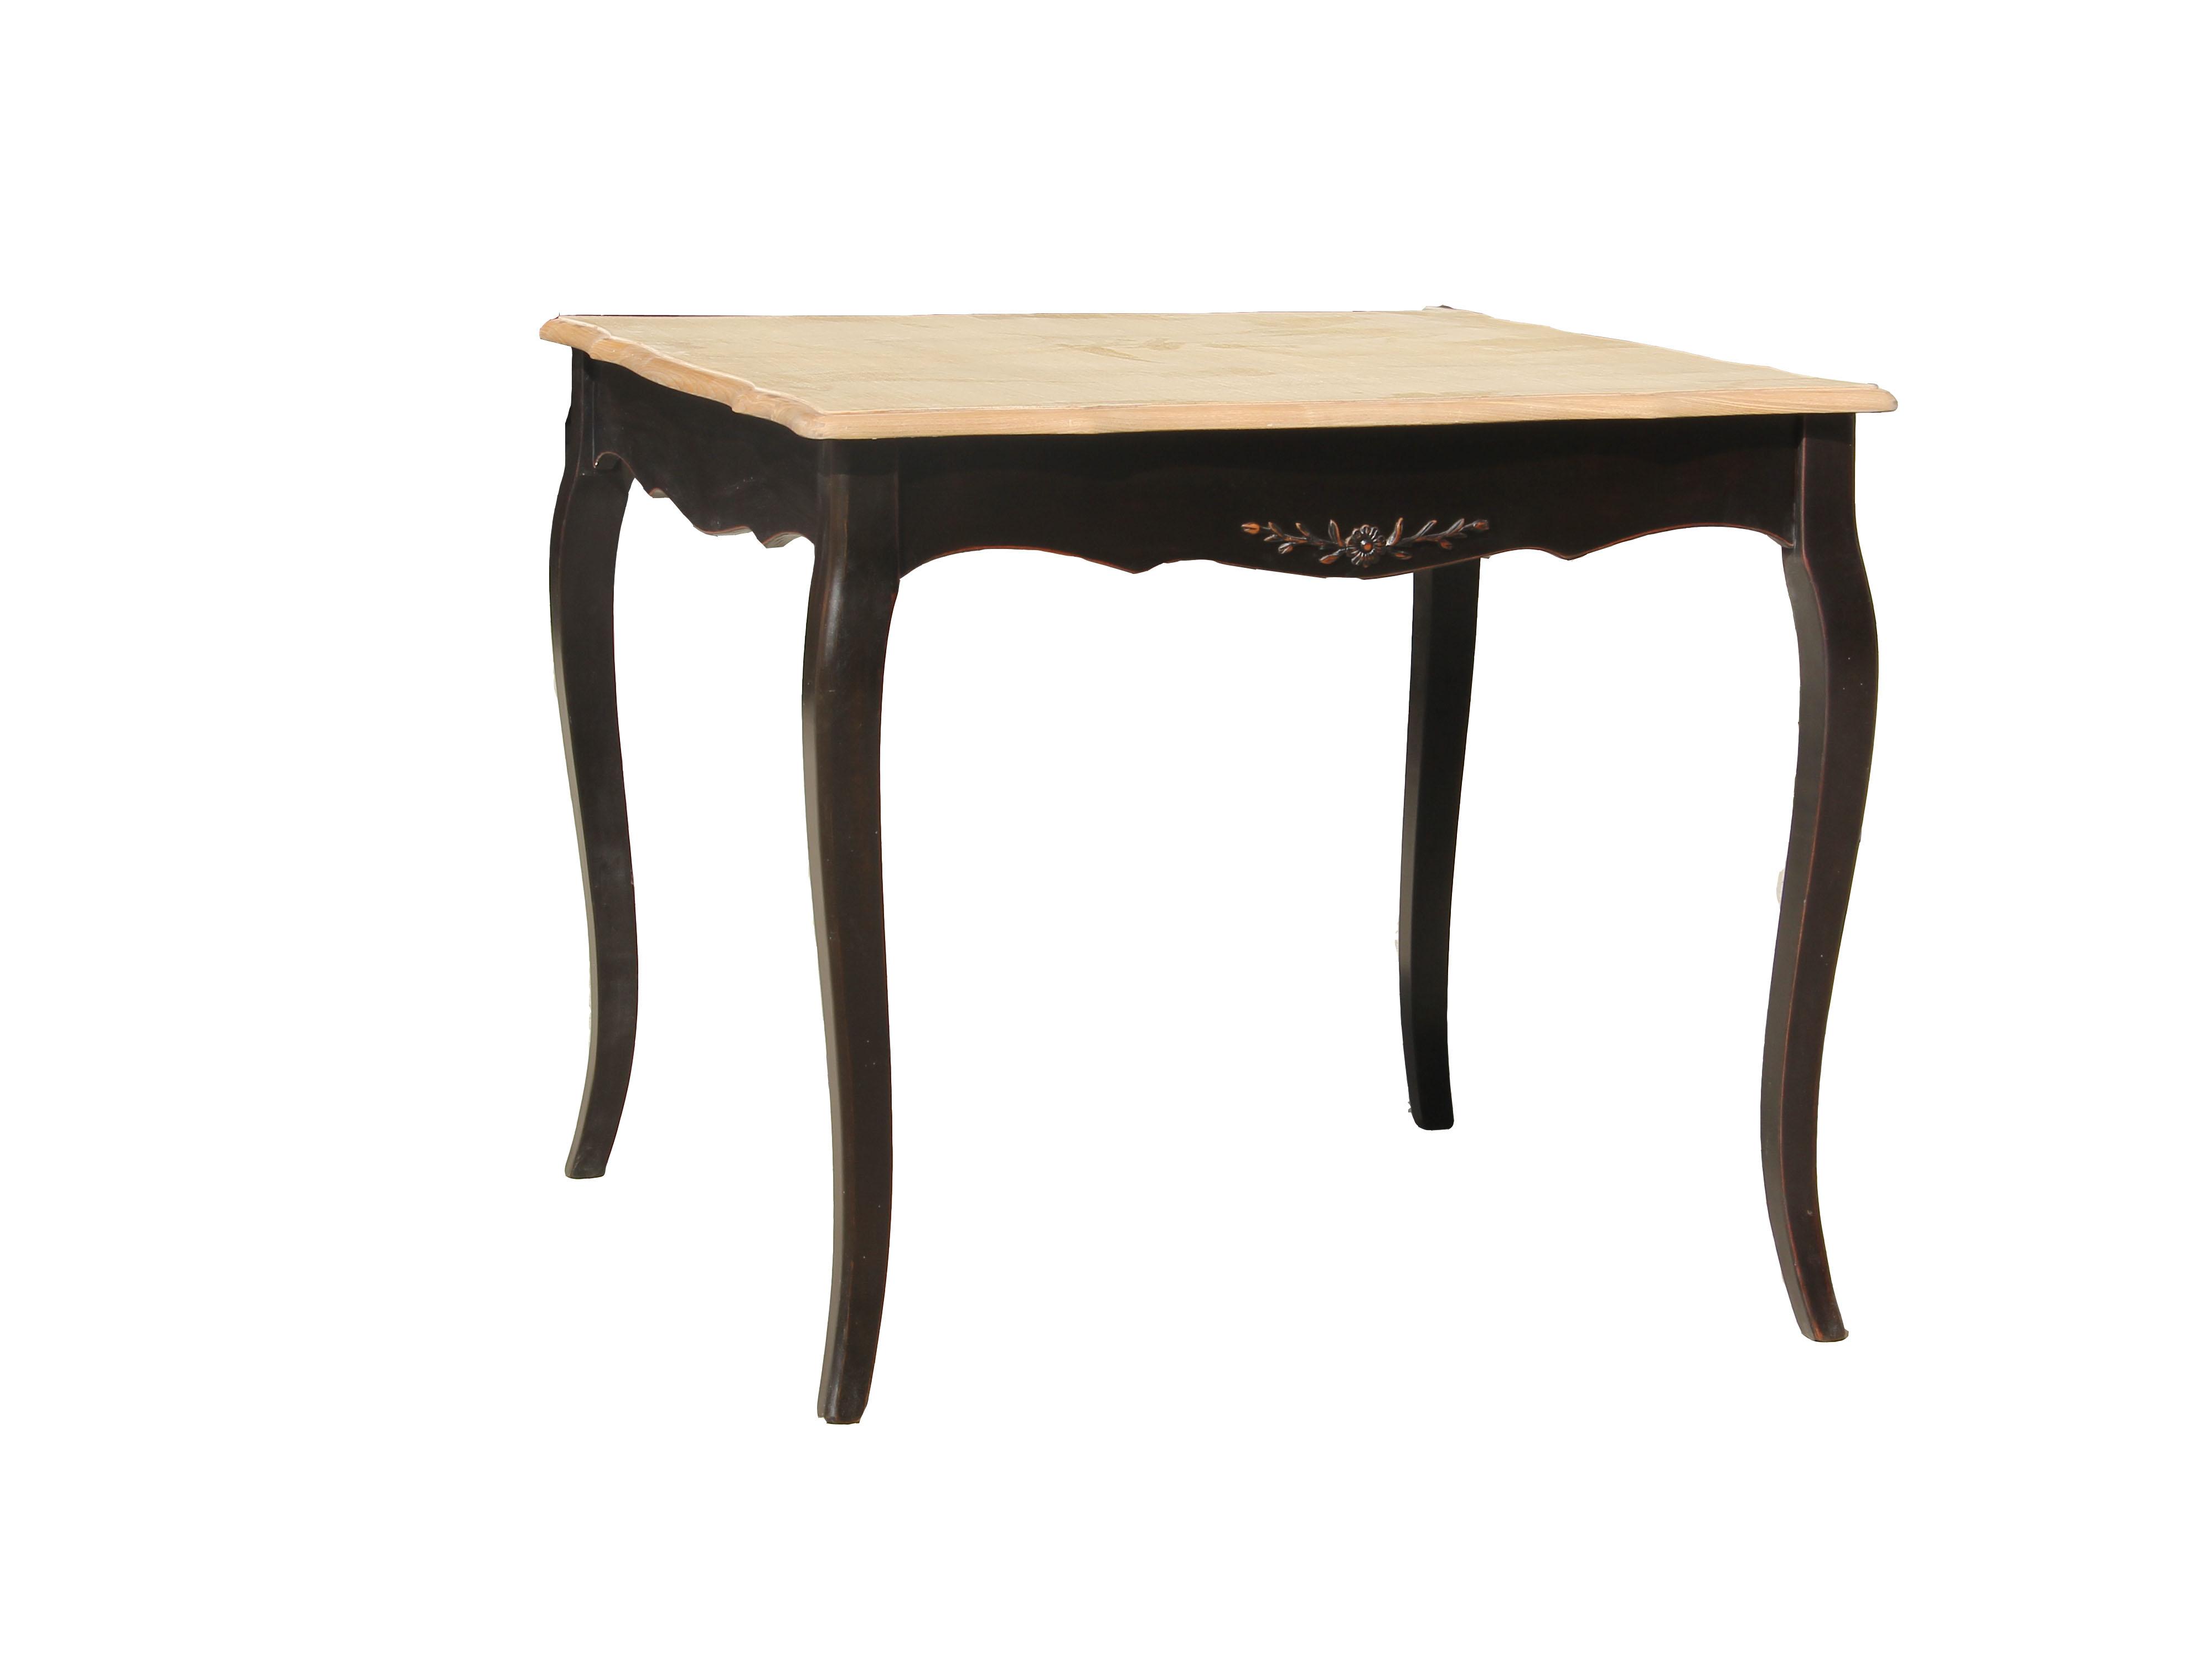 Стол обеденный GammaОбеденные столы<br><br><br>Material: Бук<br>Width см: 90<br>Depth см: 90<br>Height см: 76